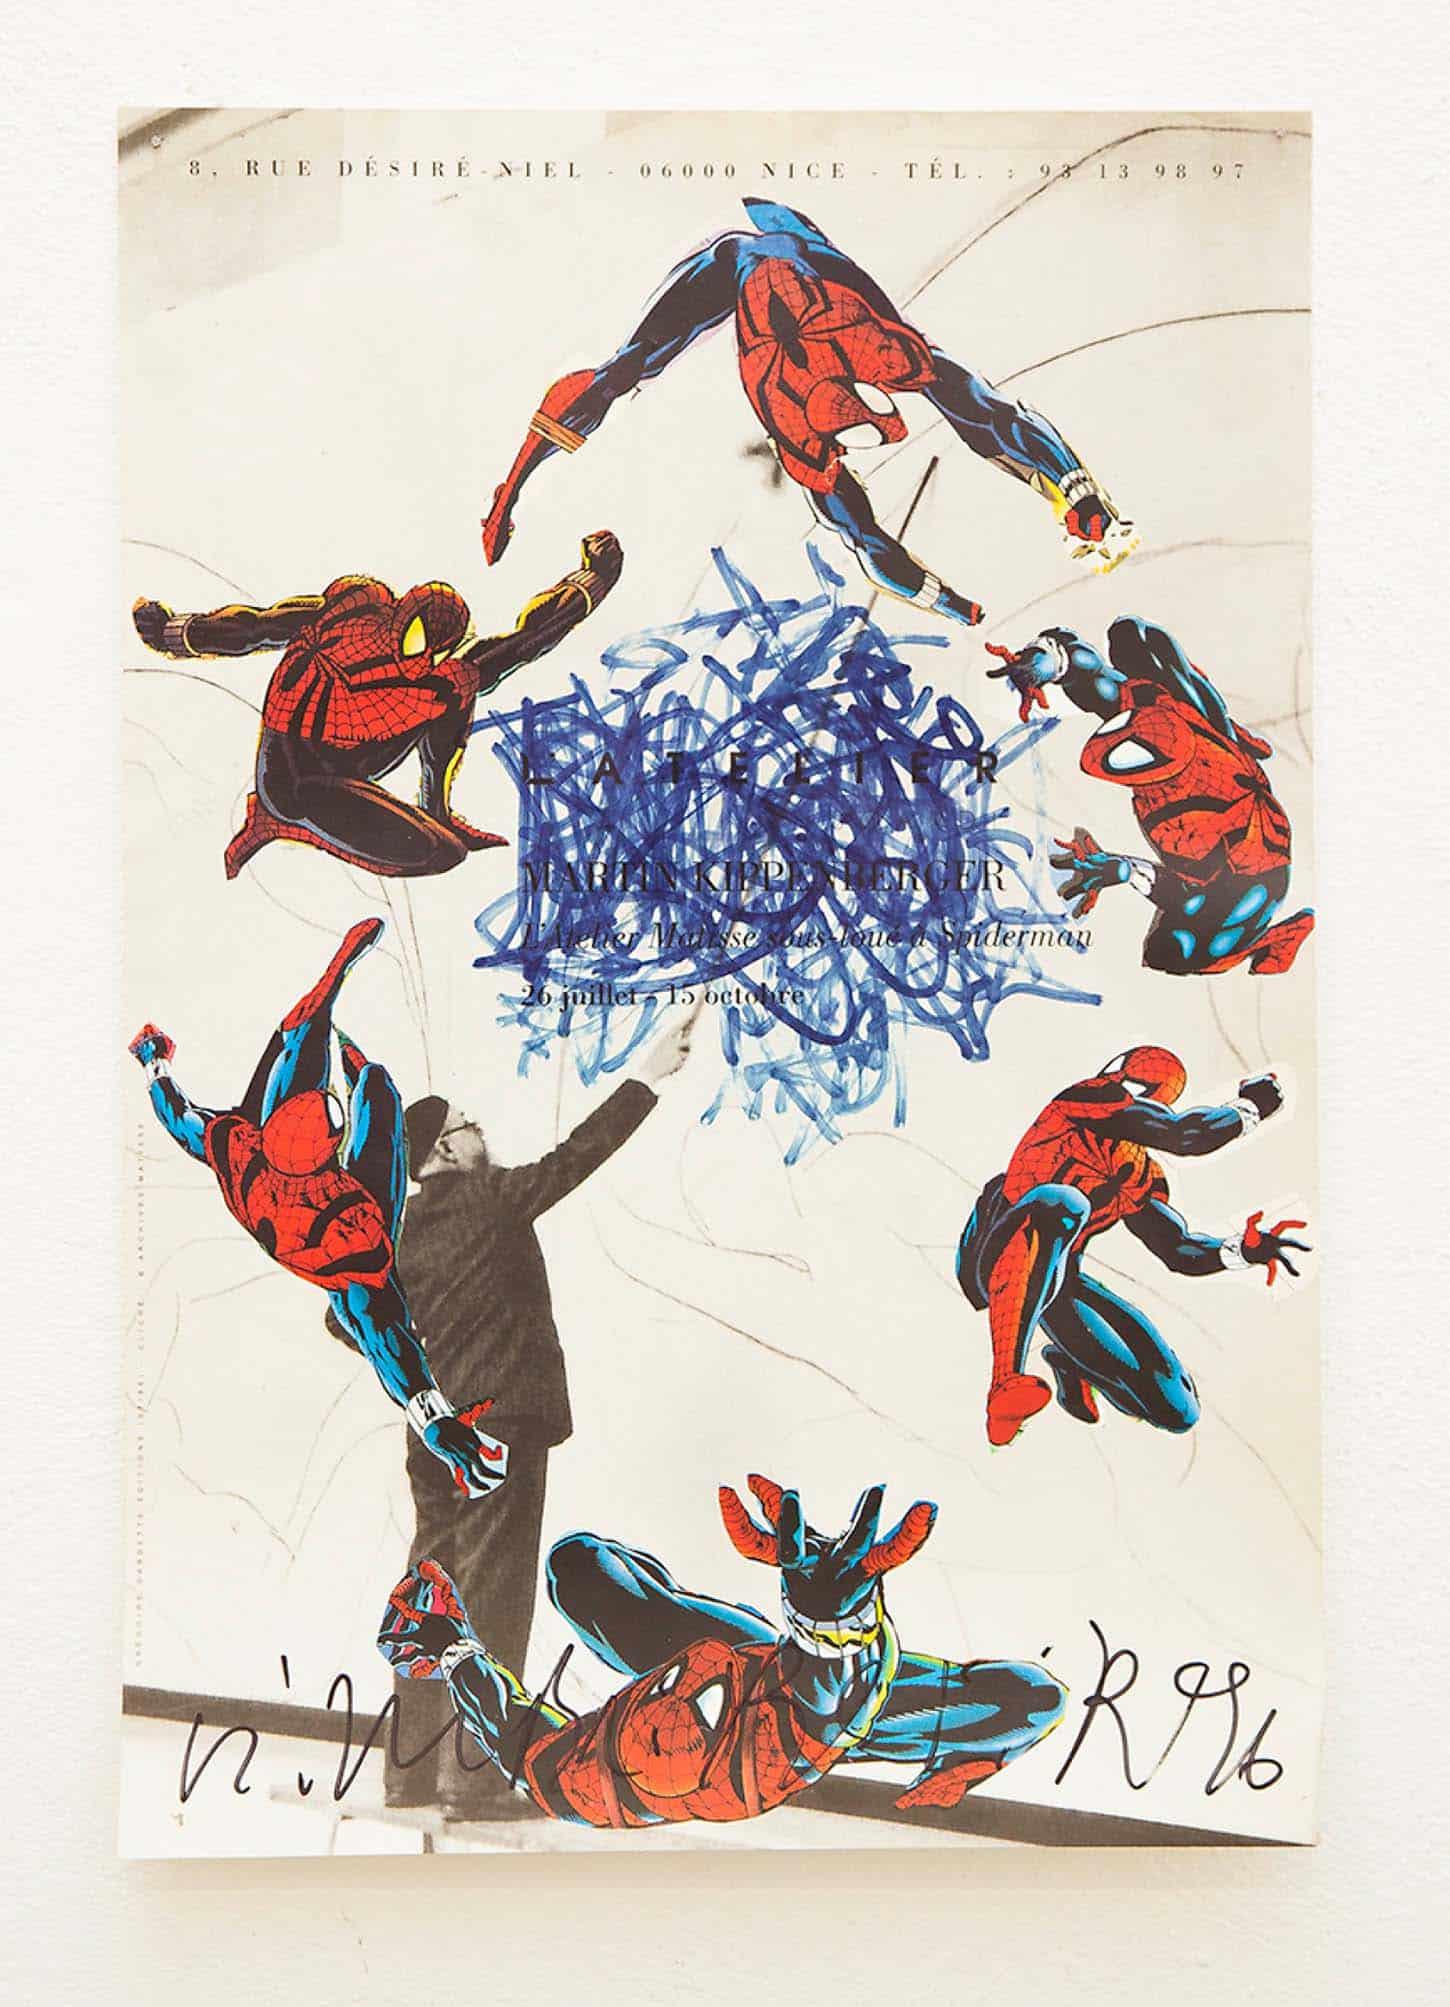 Stéphane Steiner, Sans titre, dessinau feutre sur affiche signée par Martin Kippenberger, format A4, 1996.Affiche de l'exposition :L'atelier Matisse sous loué à Spiderman, M. Kippenburger, 26 juillet - 15 octobre 1996.